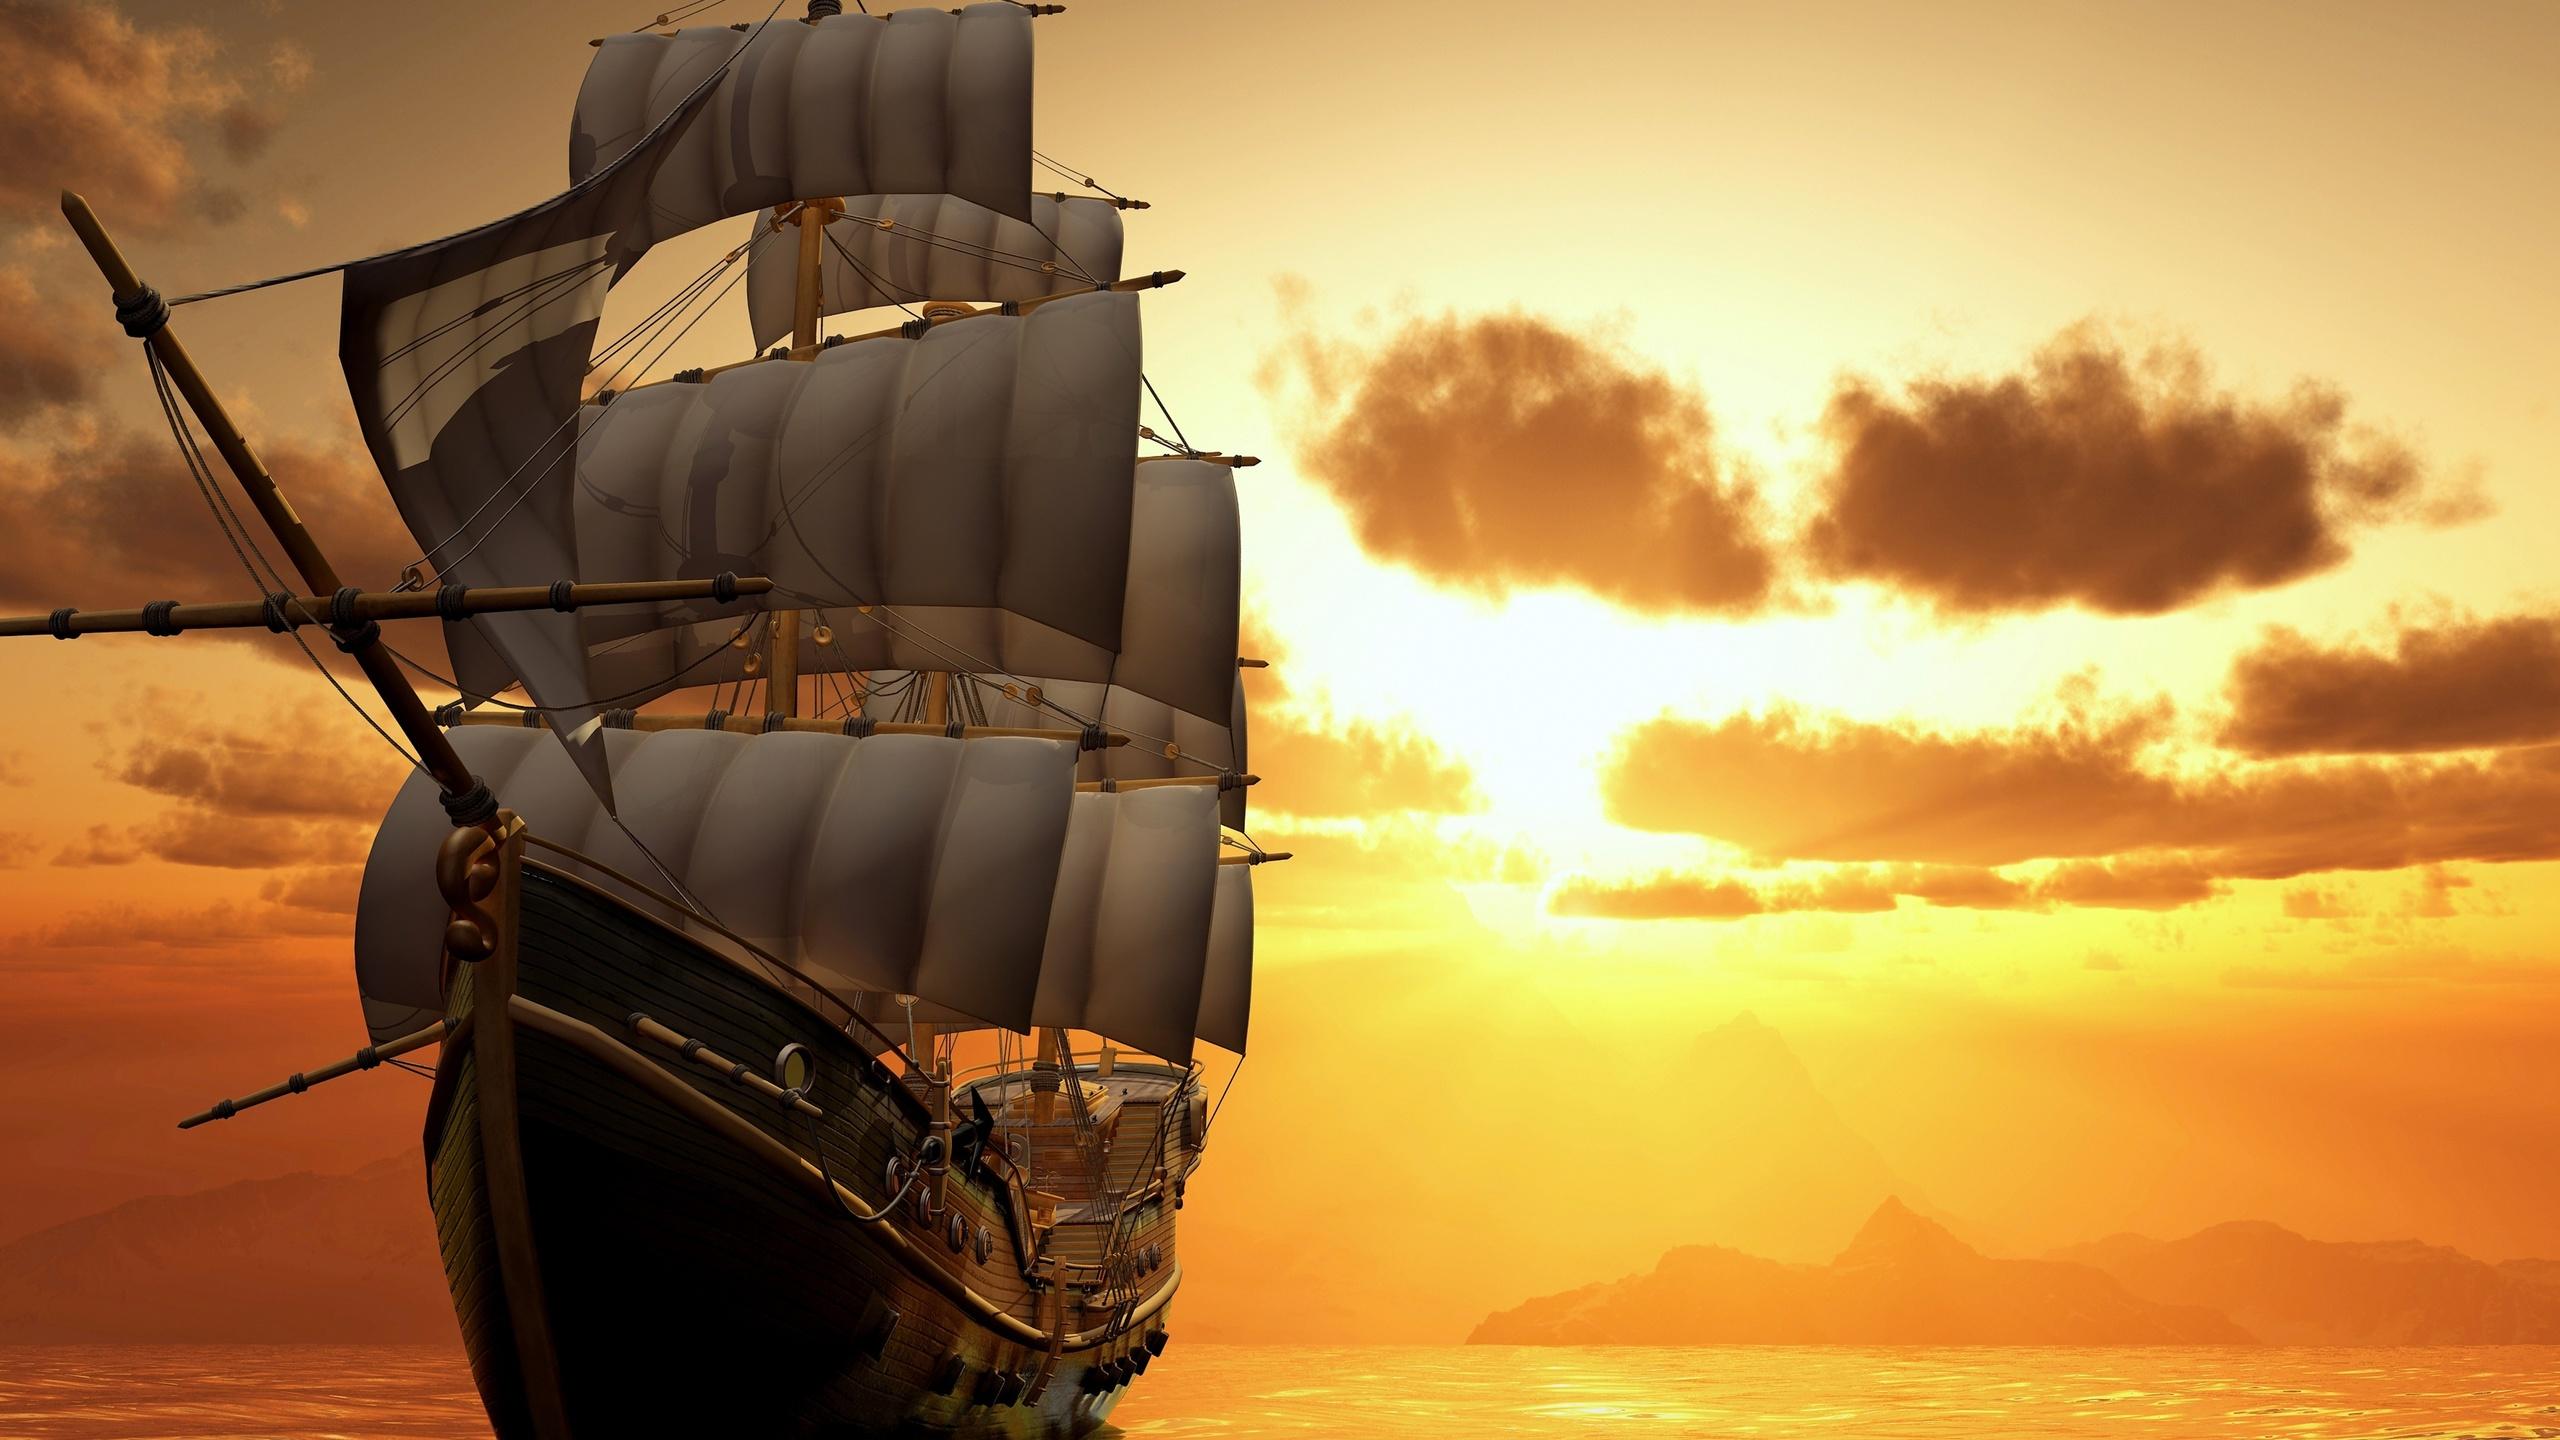 Картинки кораблей, открытки весна